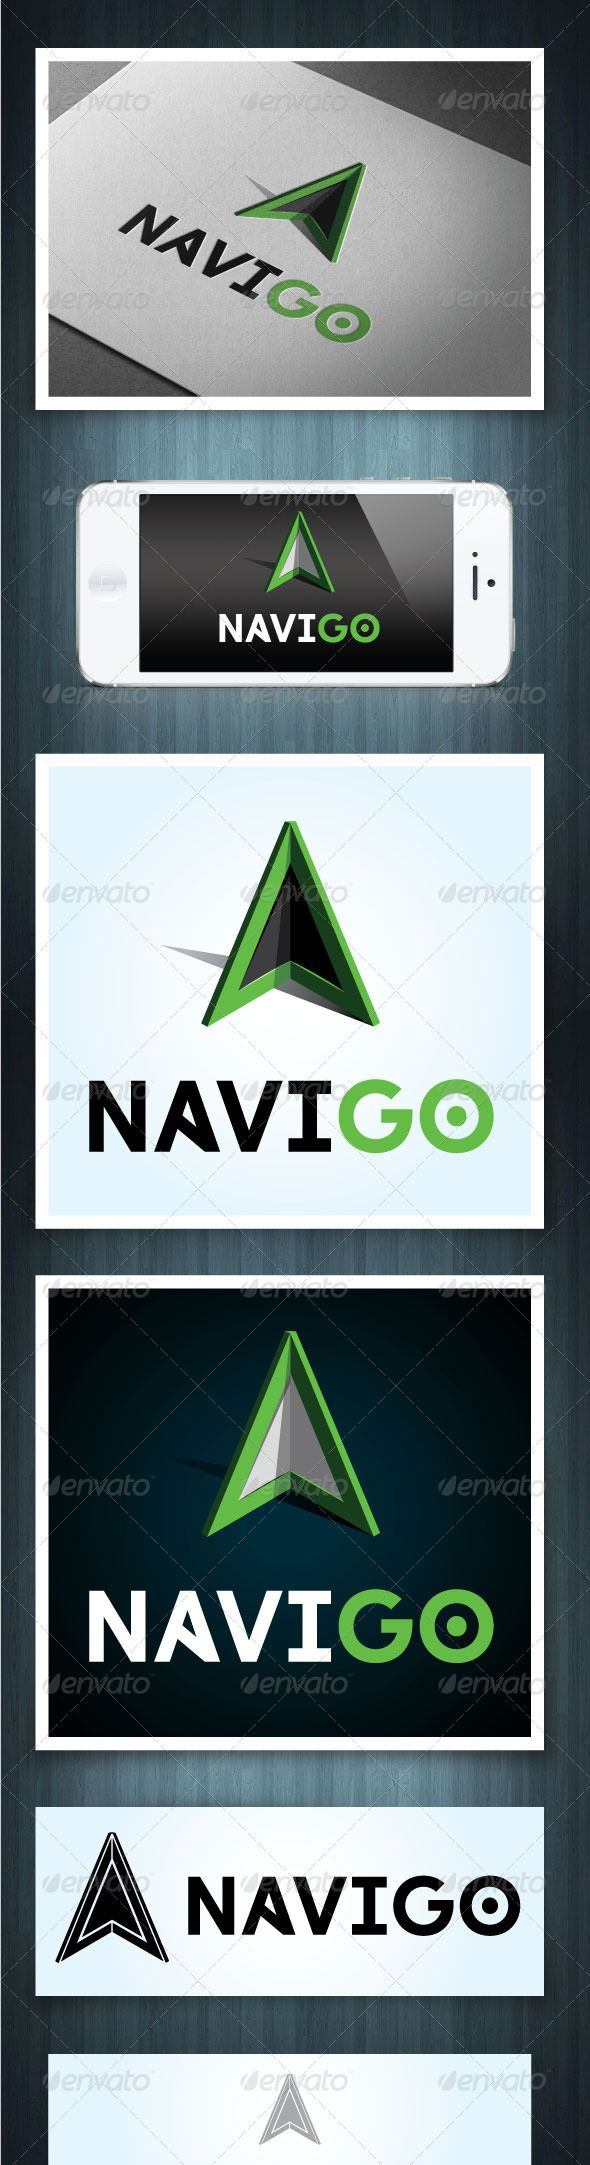 navigo  travel infographic logo templates travel logo